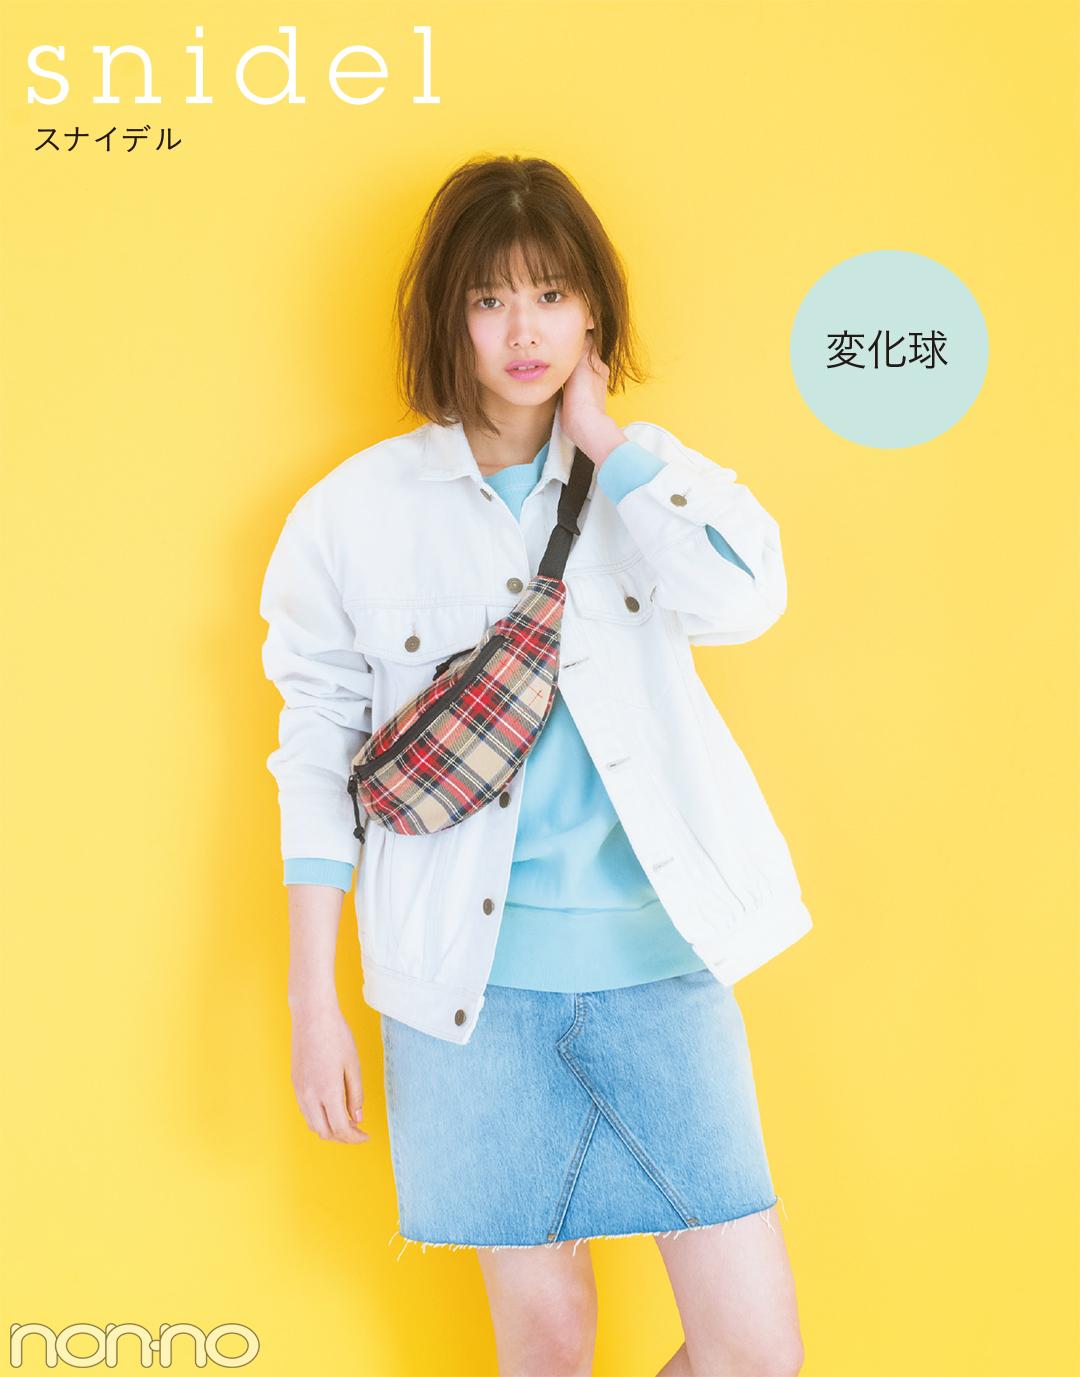 渡邉理佐が着るスナイデルの白Gジャン♡ コーデが一気に春らしく! _1_1